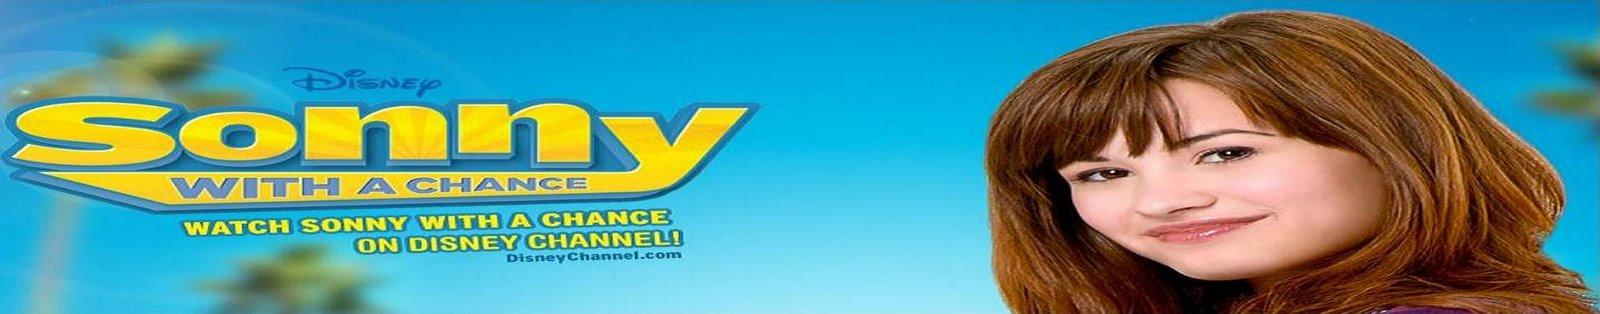 SUNNY MUNROE entre estrellas, Sonny entre estrellas serie de Disney Channel